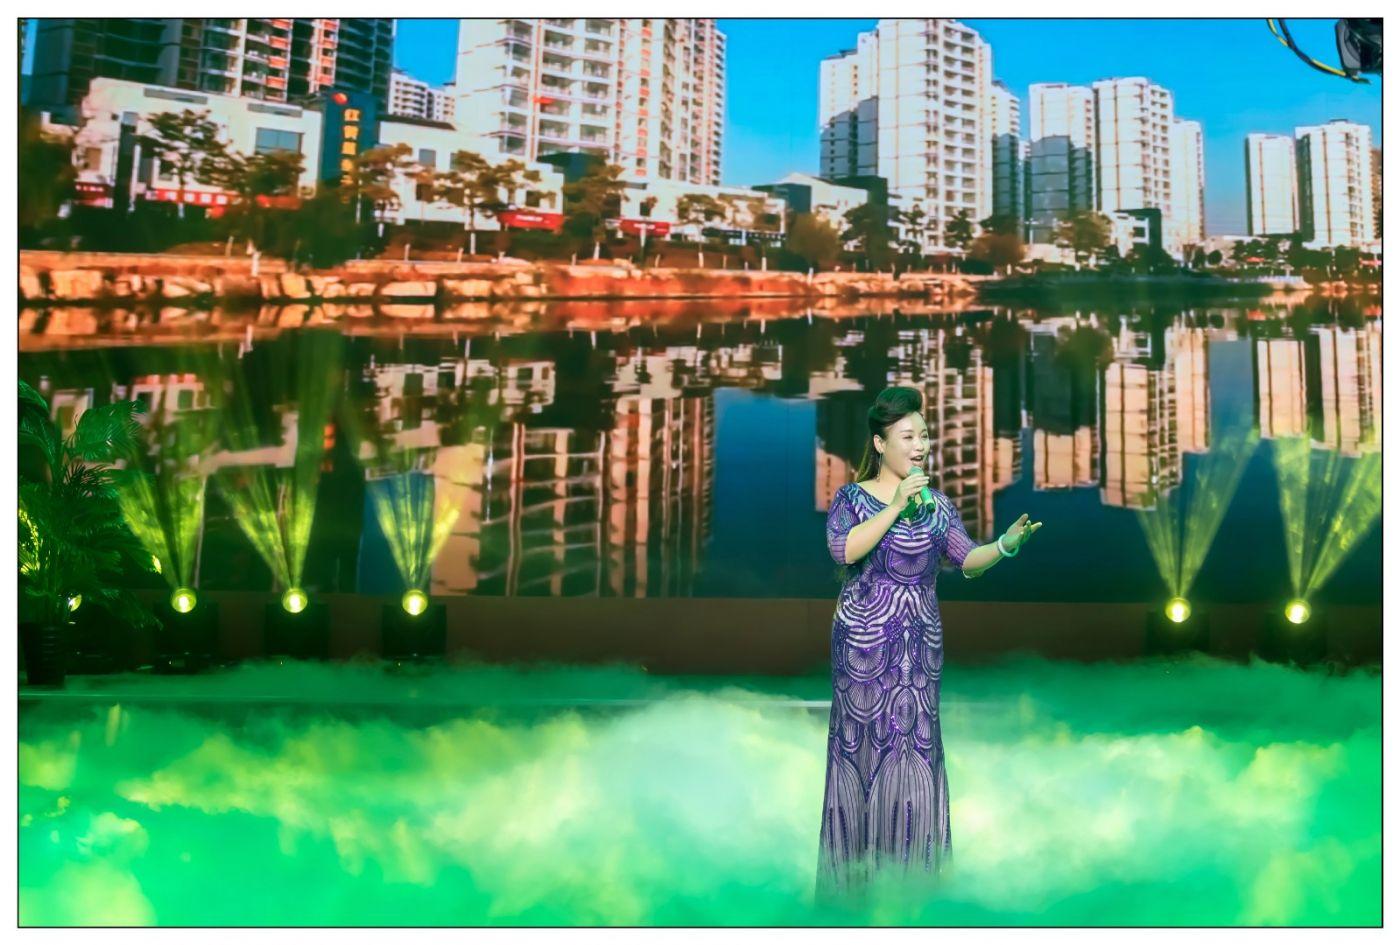 临沂姑娘杨妮妮曾感动春晚总动员 今晚在临沂电视台大放异彩 ..._图1-3